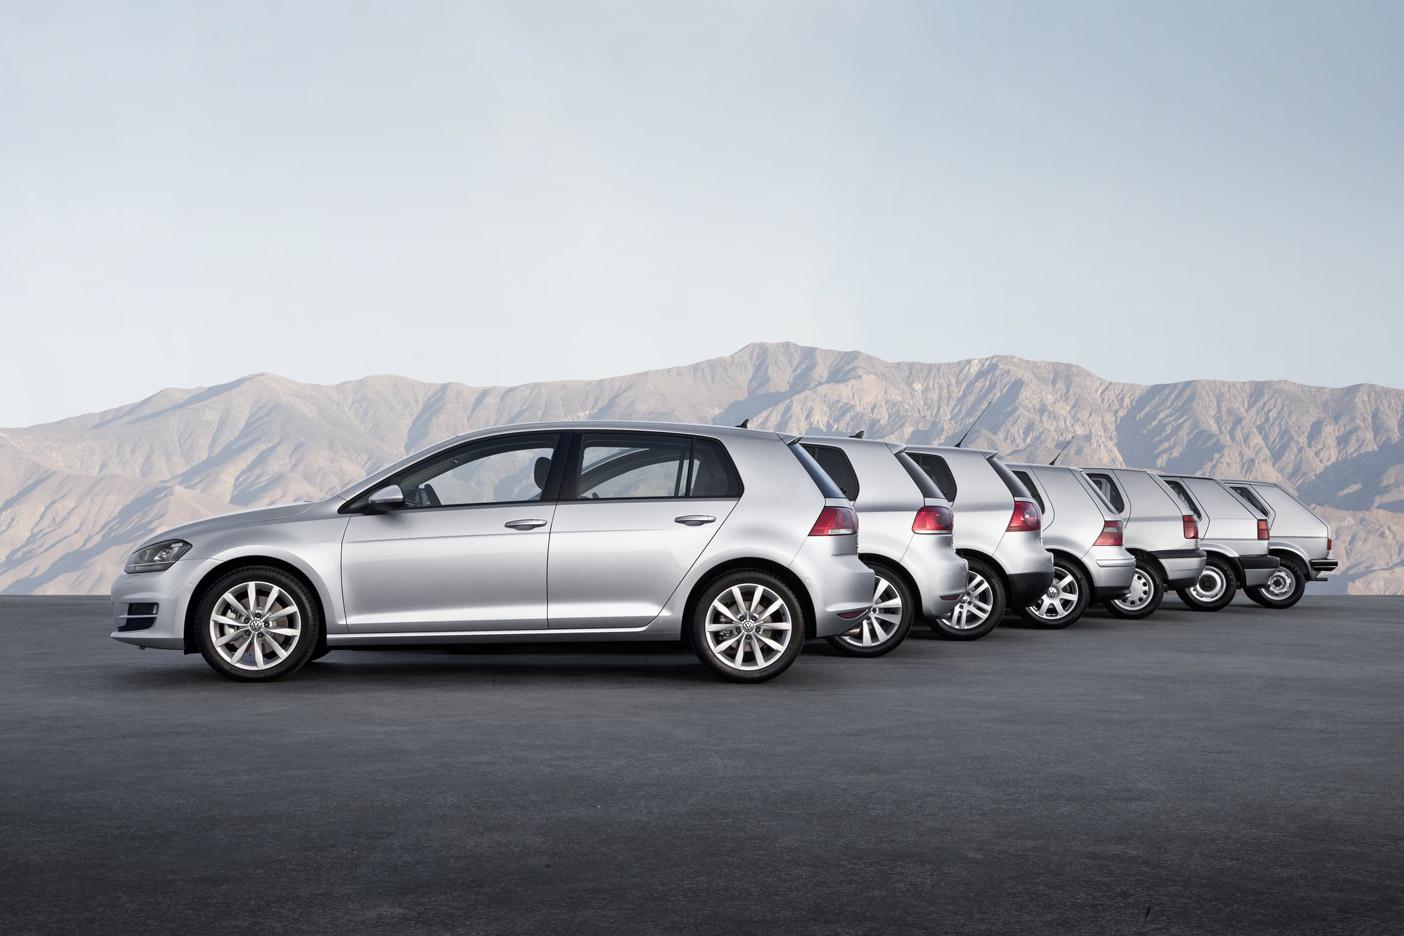 The Volkswagen Enthusiast Website